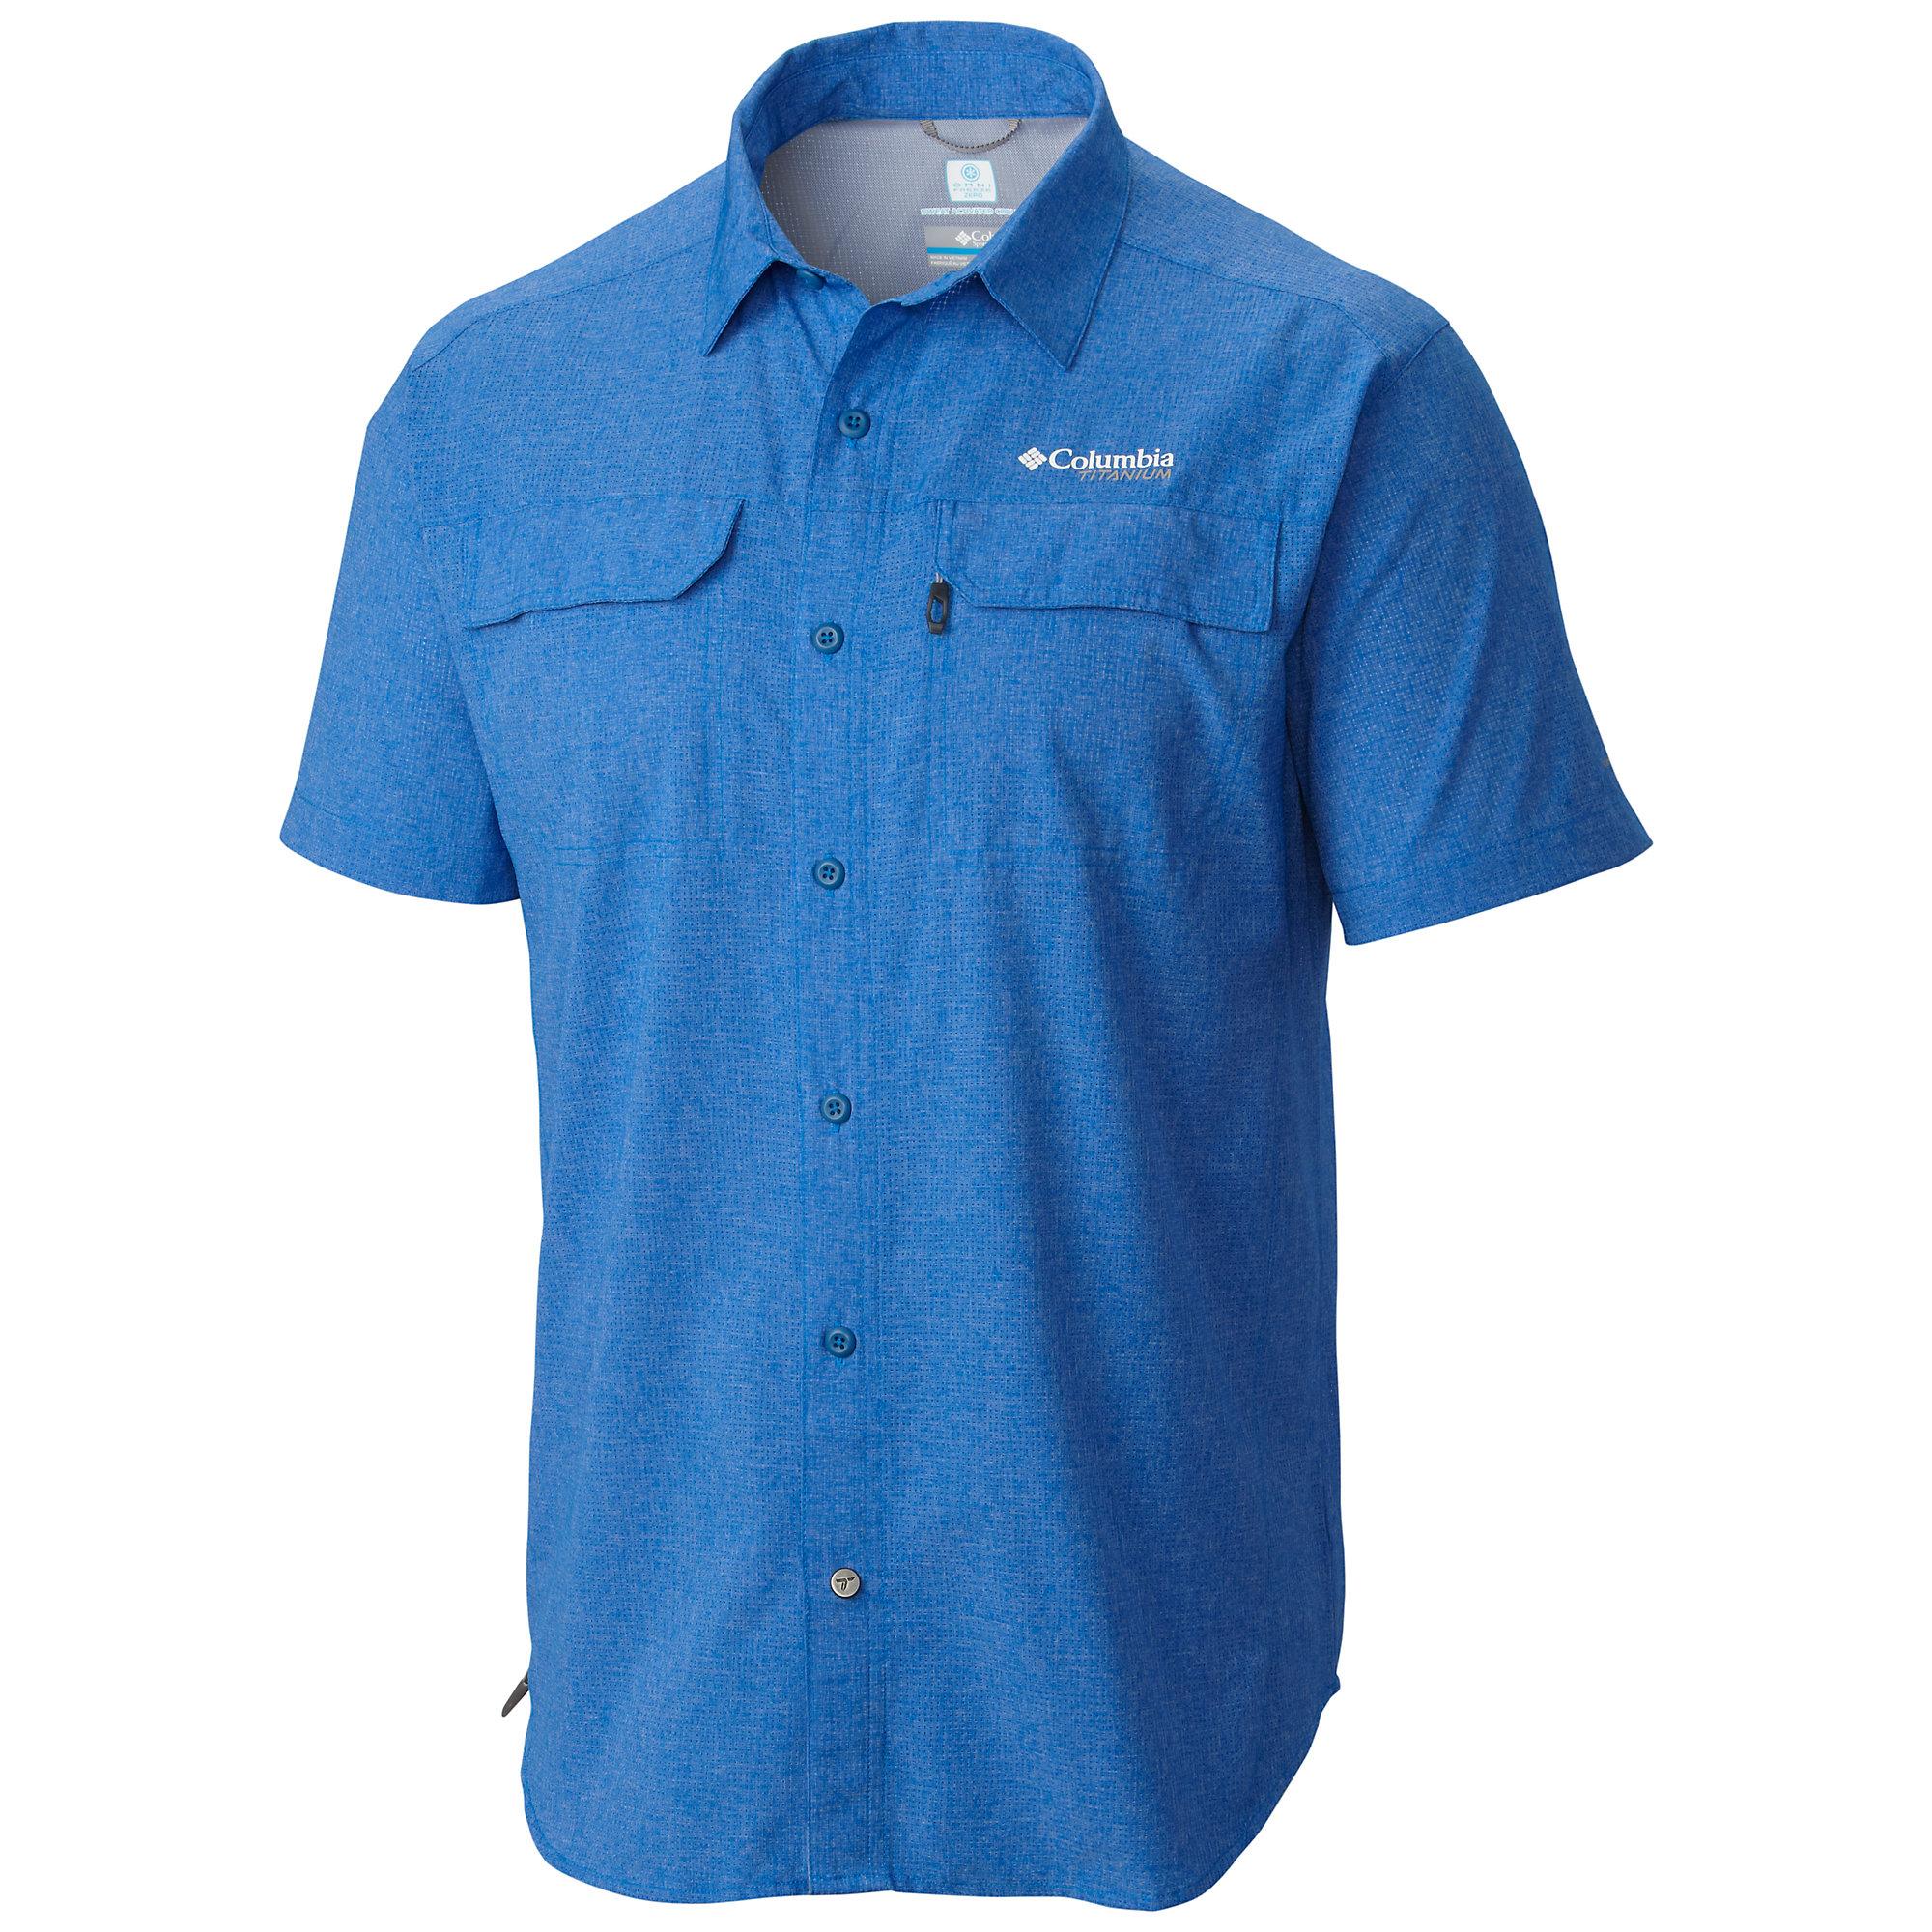 photo: Columbia Men's Irico Short Sleeve Shirt